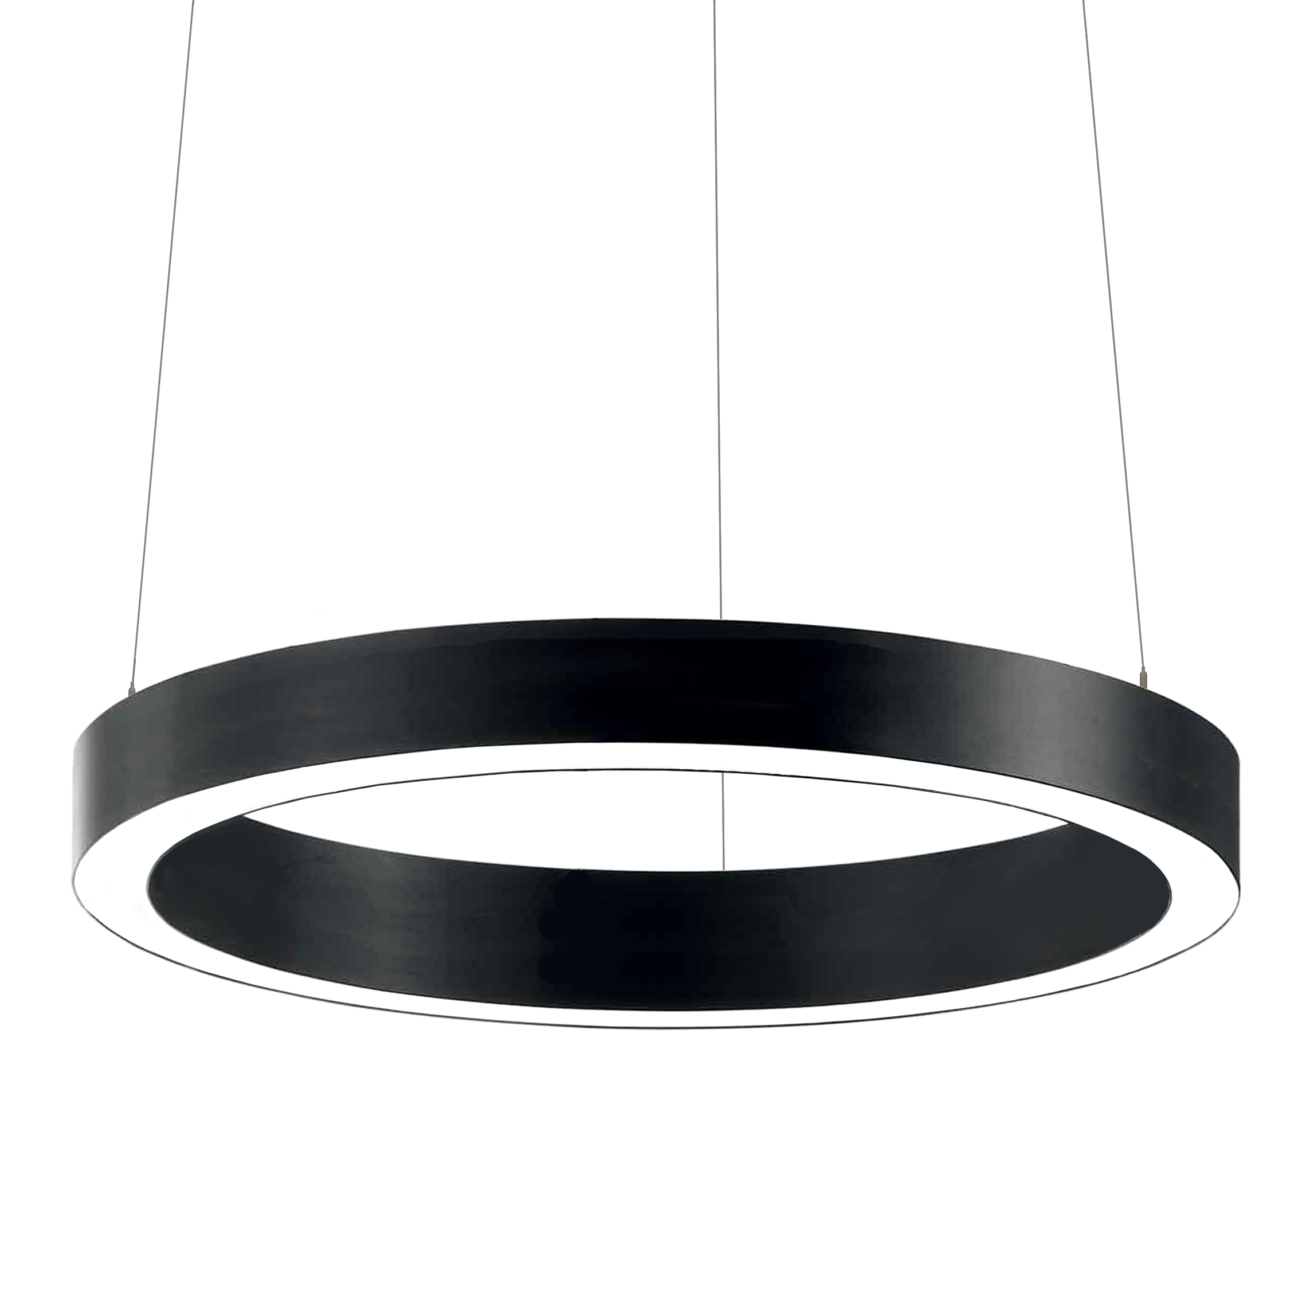 Светильник Ring 5060-450мм. 4000К/3000К. 19W/40W купить в Казани